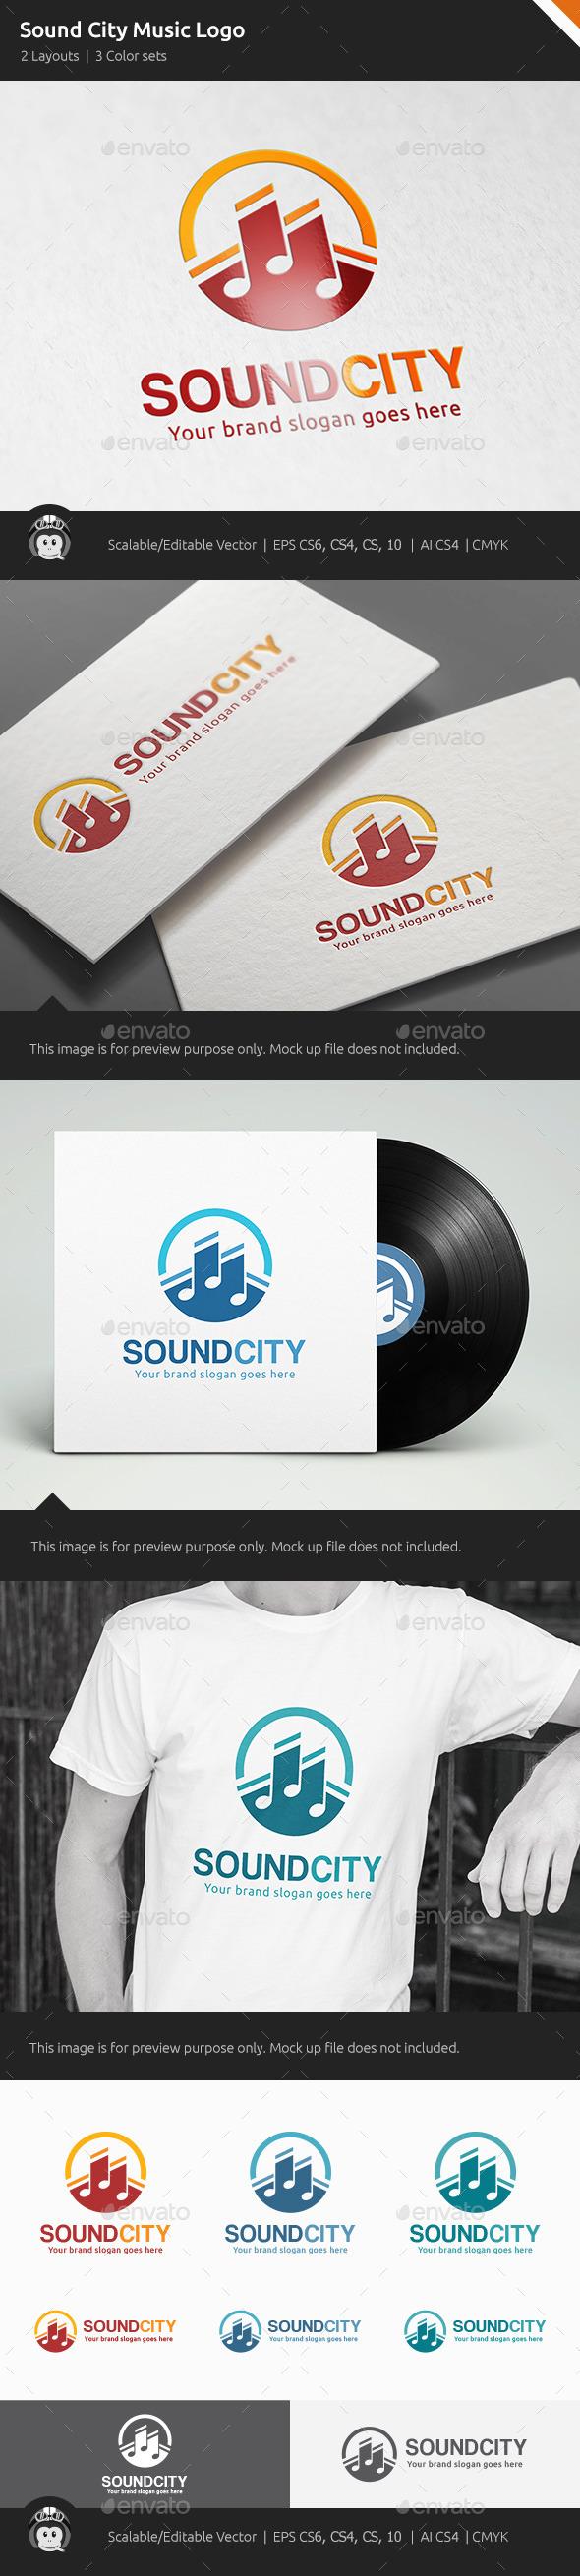 GraphicRiver Sound City Music Logo 11183033